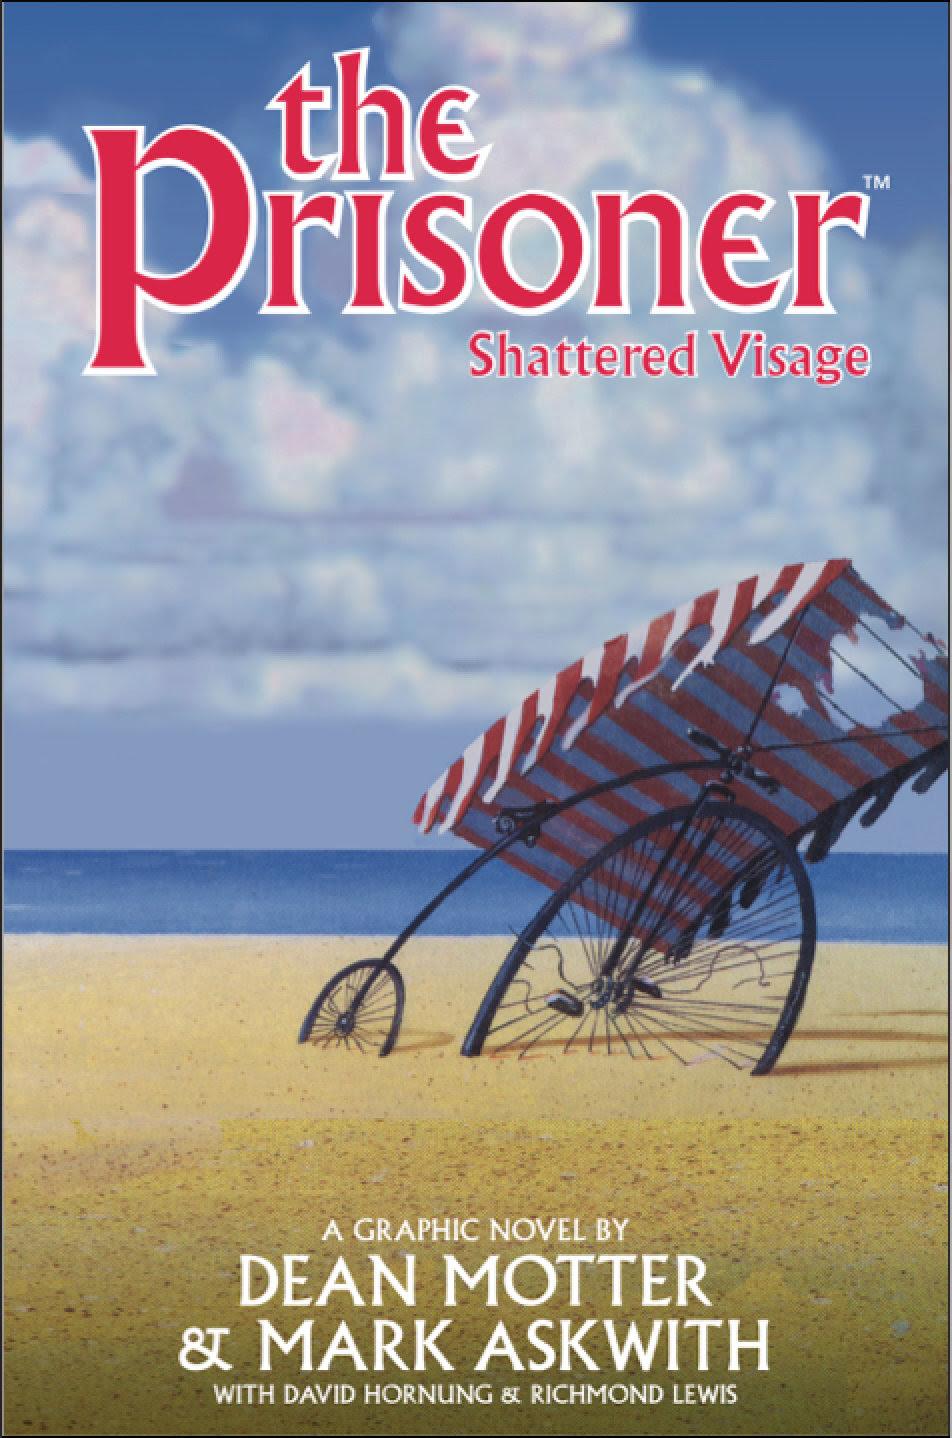 The Prisoner 2.jpg